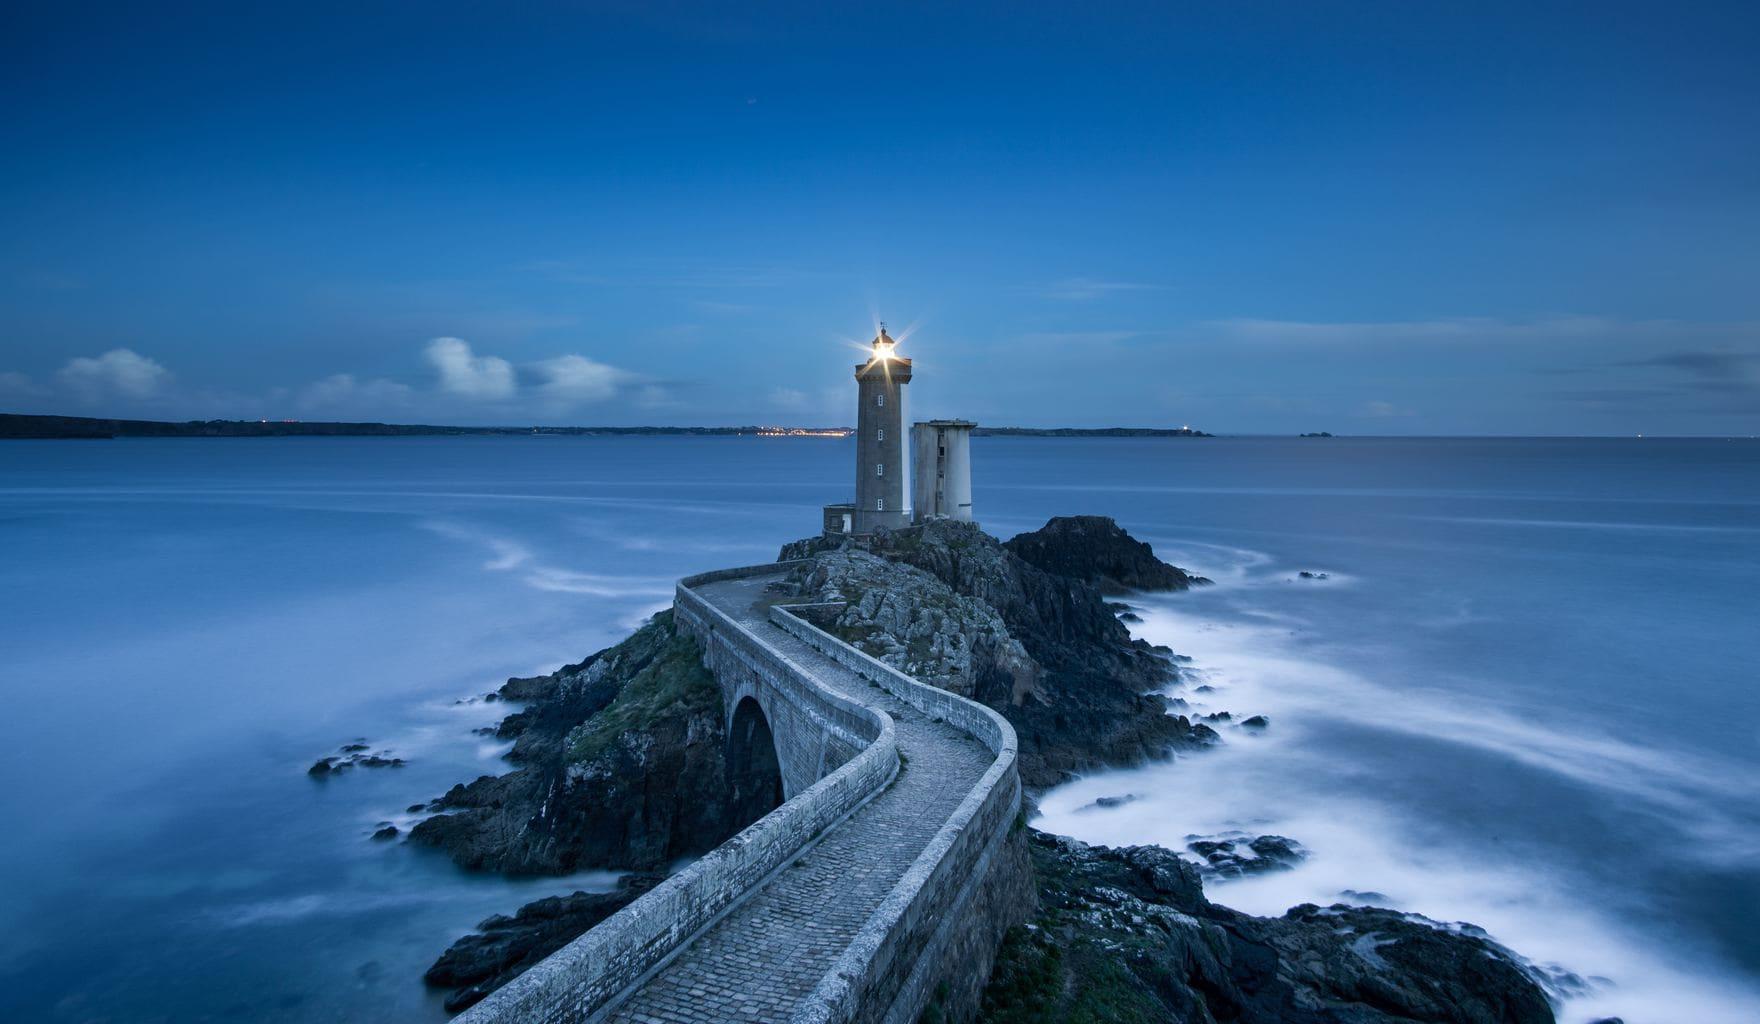 17 Fotografías Nocturnas Impresionantes Que Te Harán Trasnochar